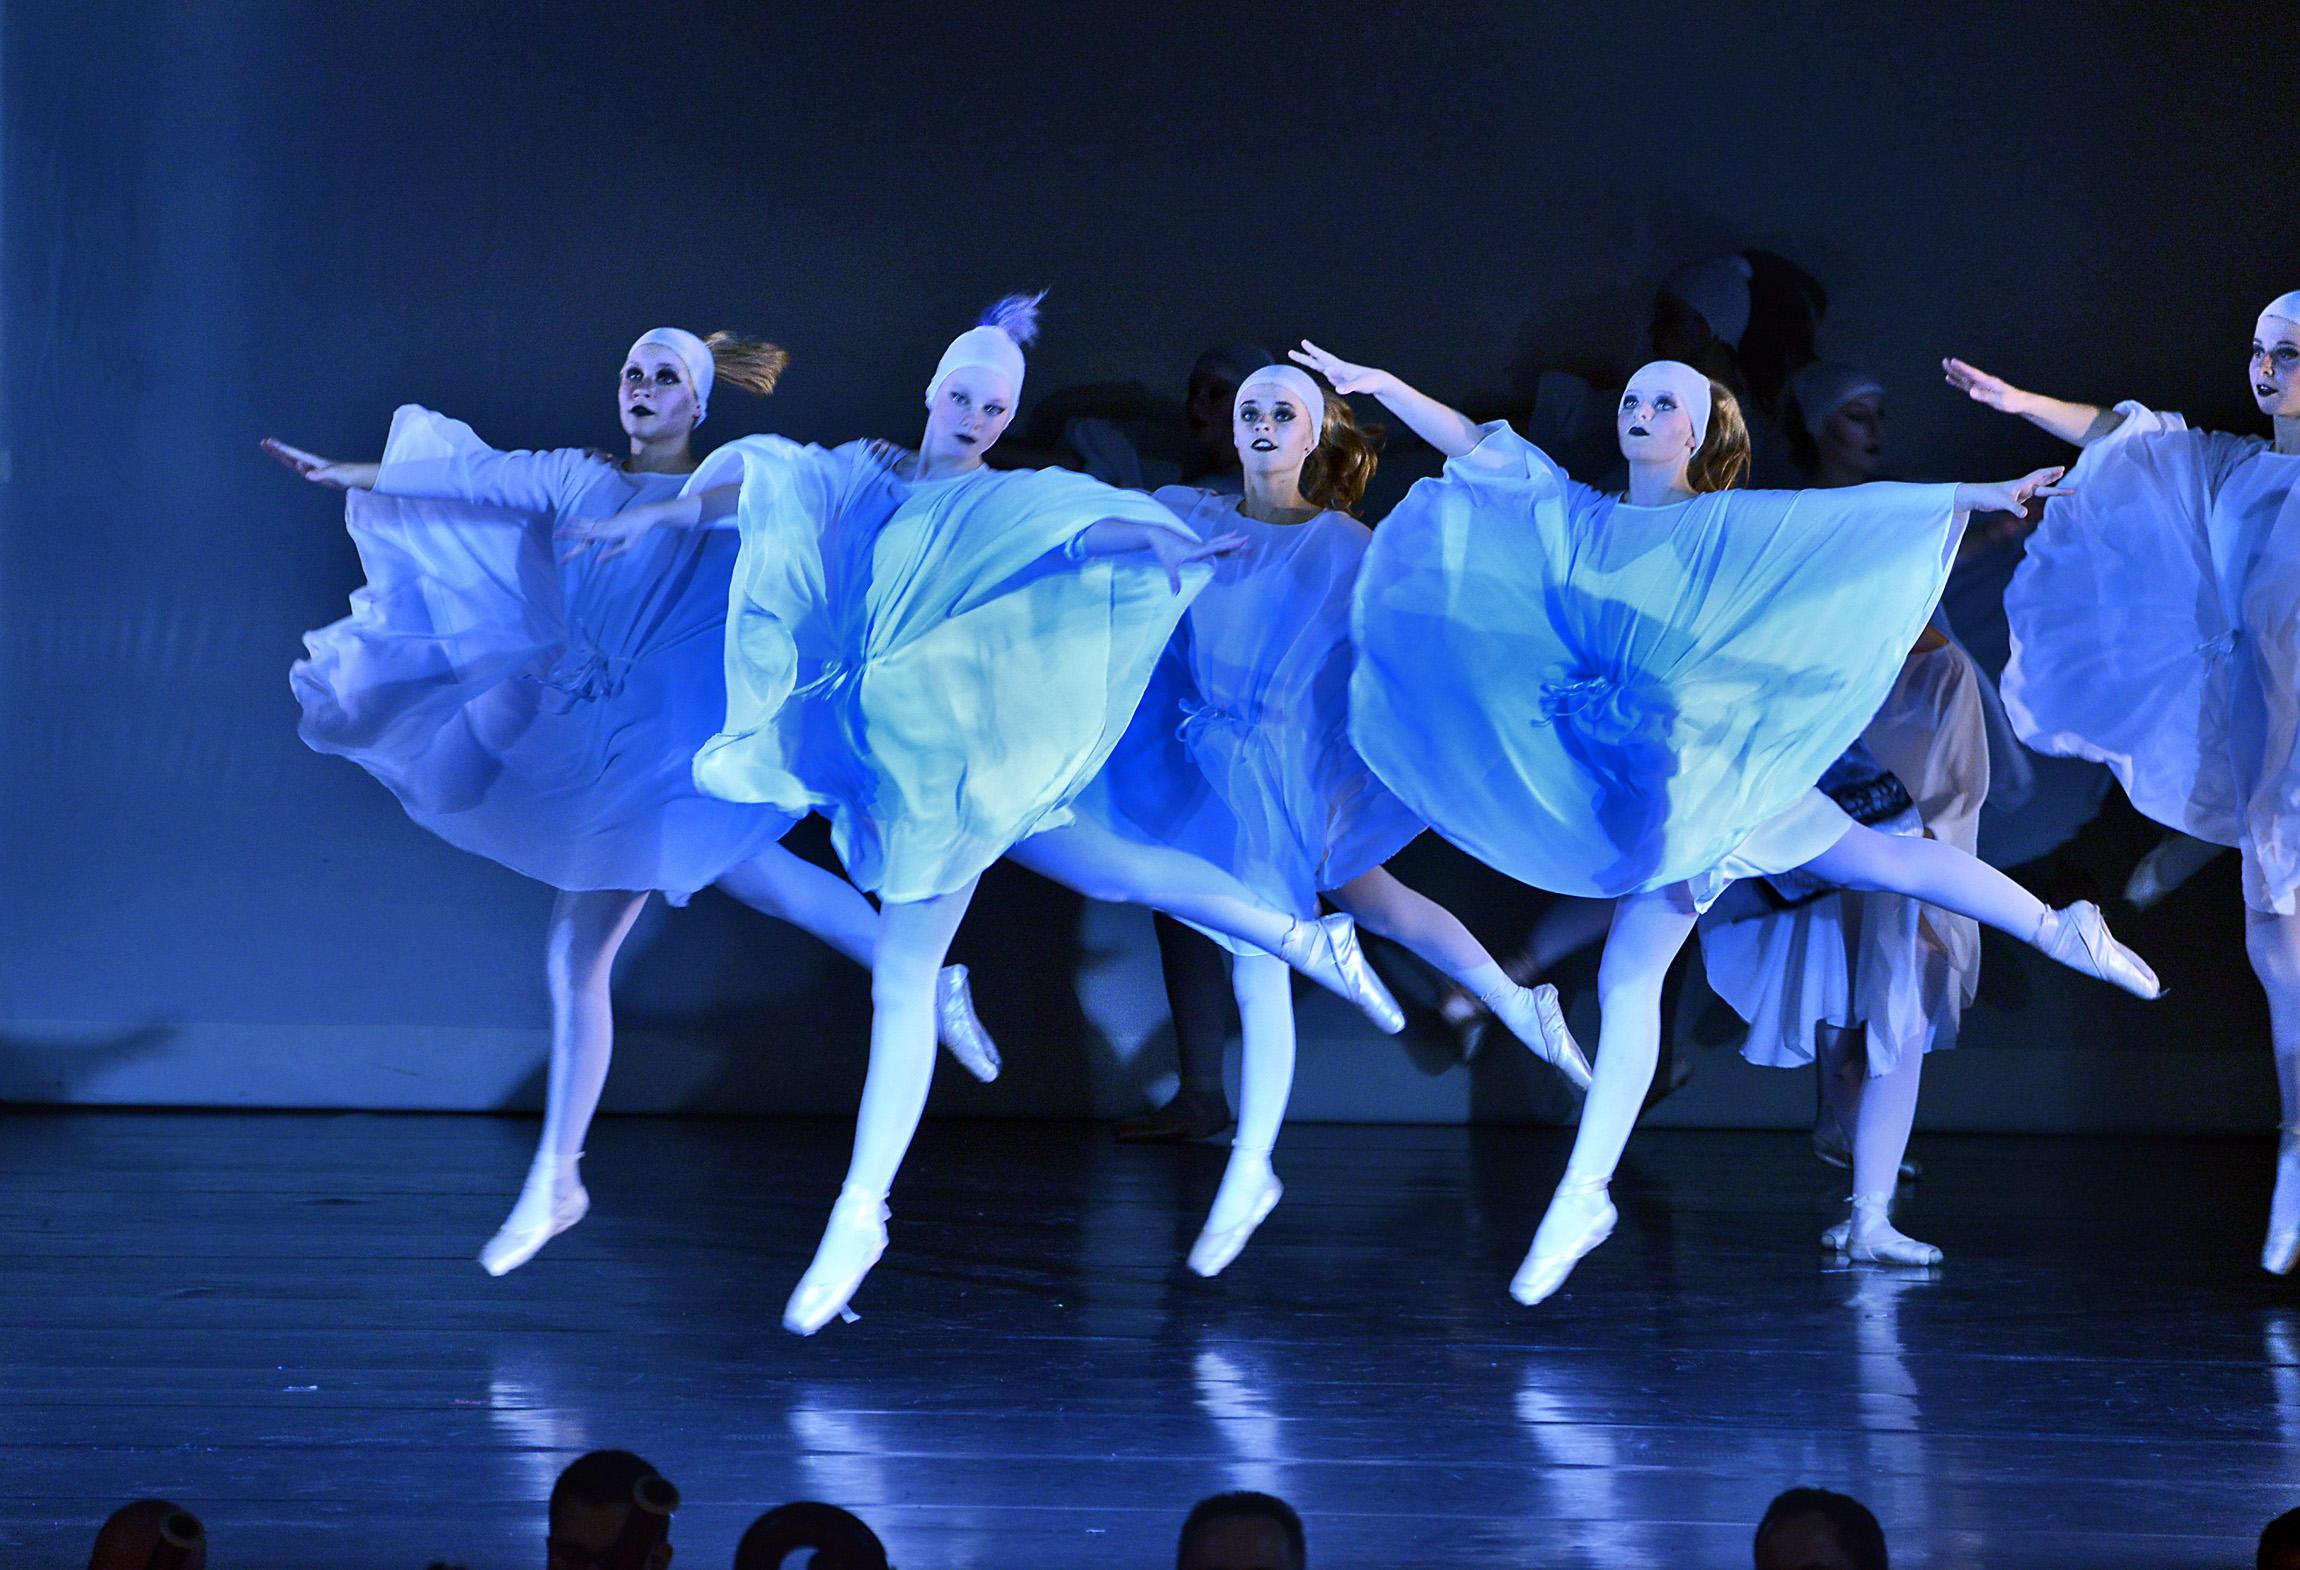 2016 danse macabre TanzTheater HEEG